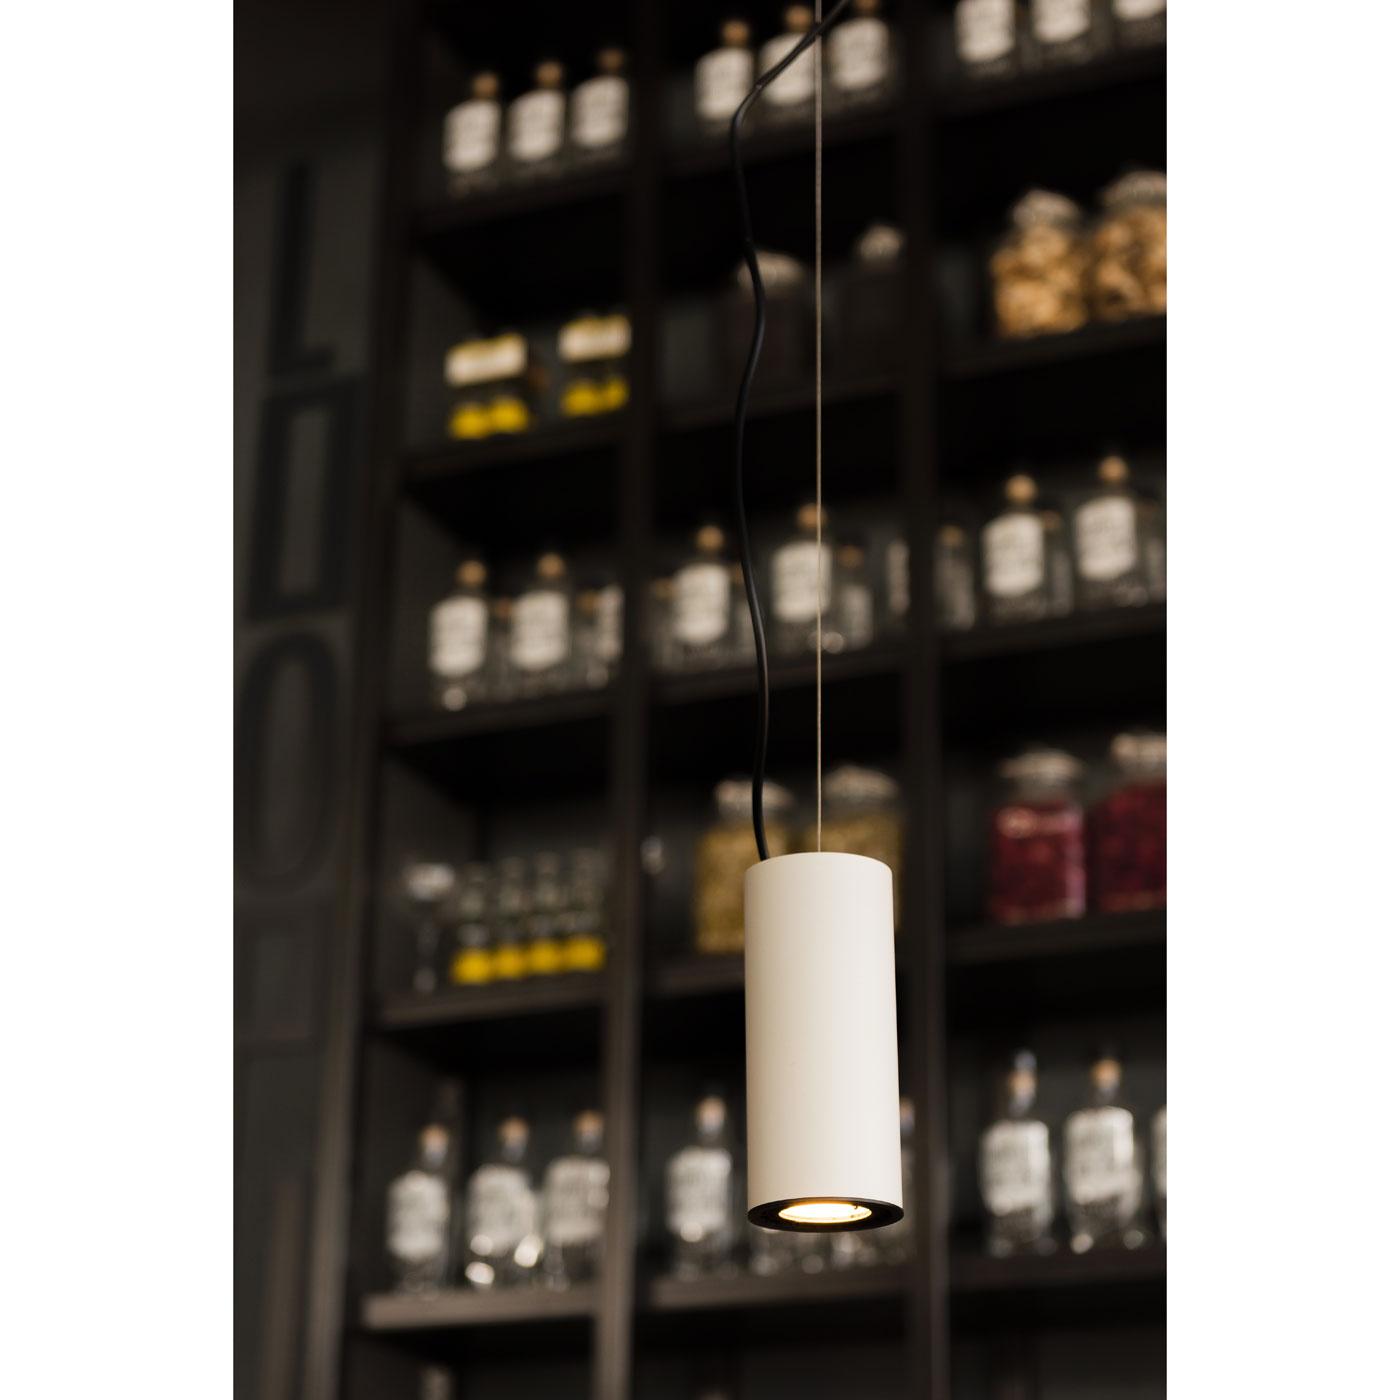 Bellalite Supros 78 Vit Takpendel LED